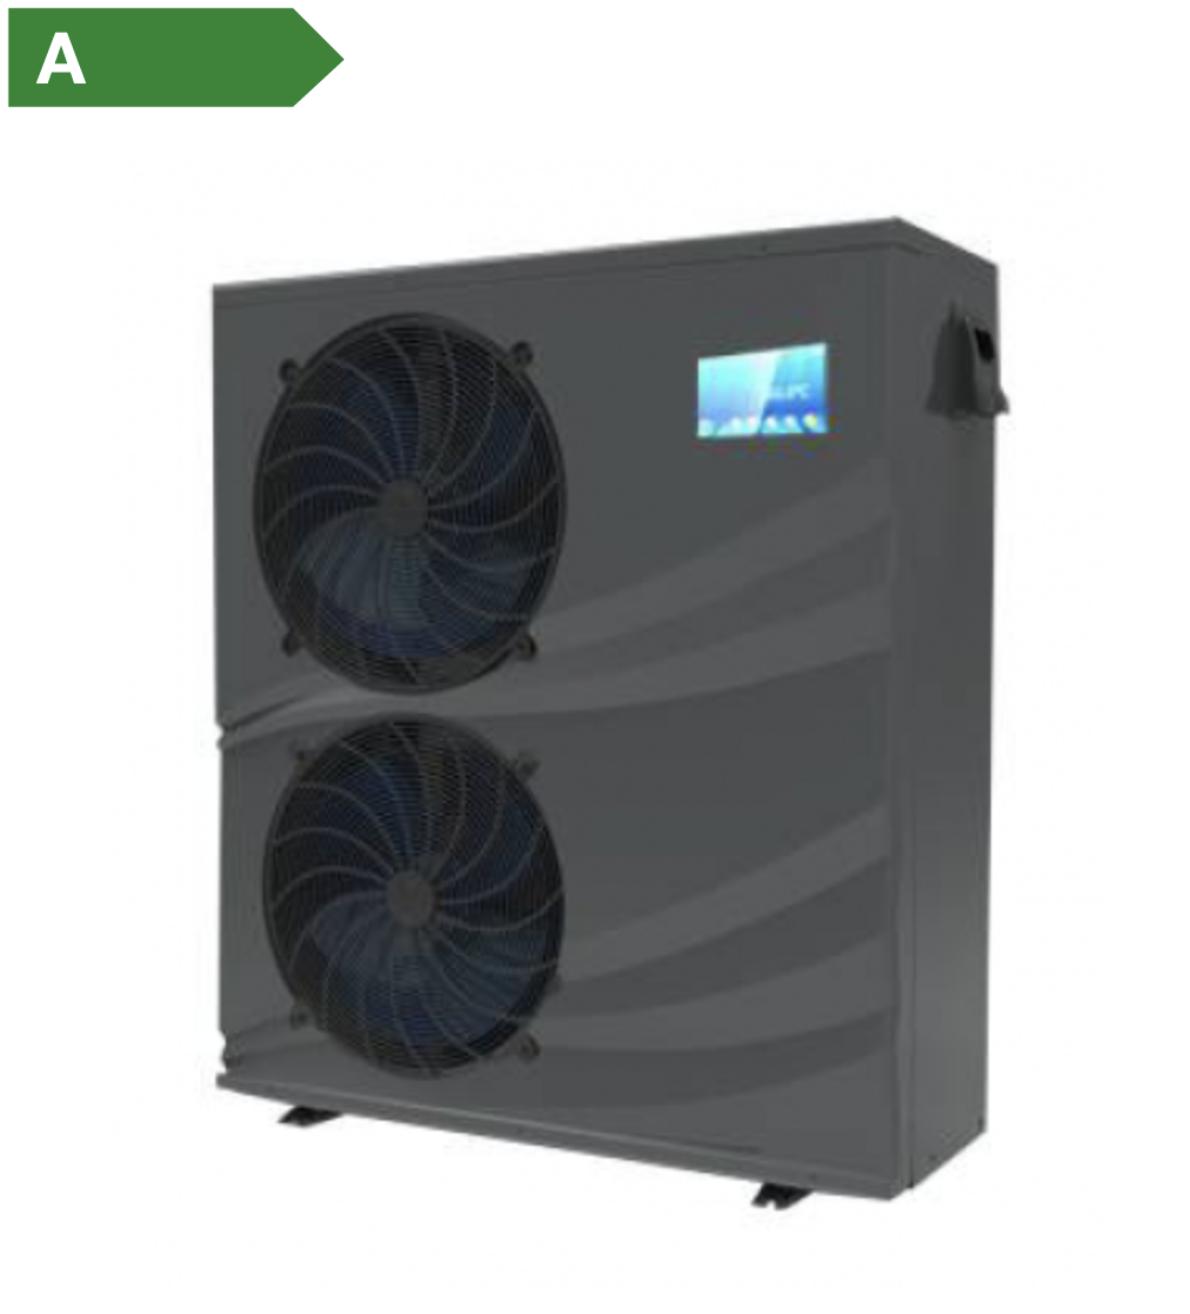 Afbeelding van RWP 24 Full Inverter zwembad warmtepomp - 24,2 kW (krachtstroom)